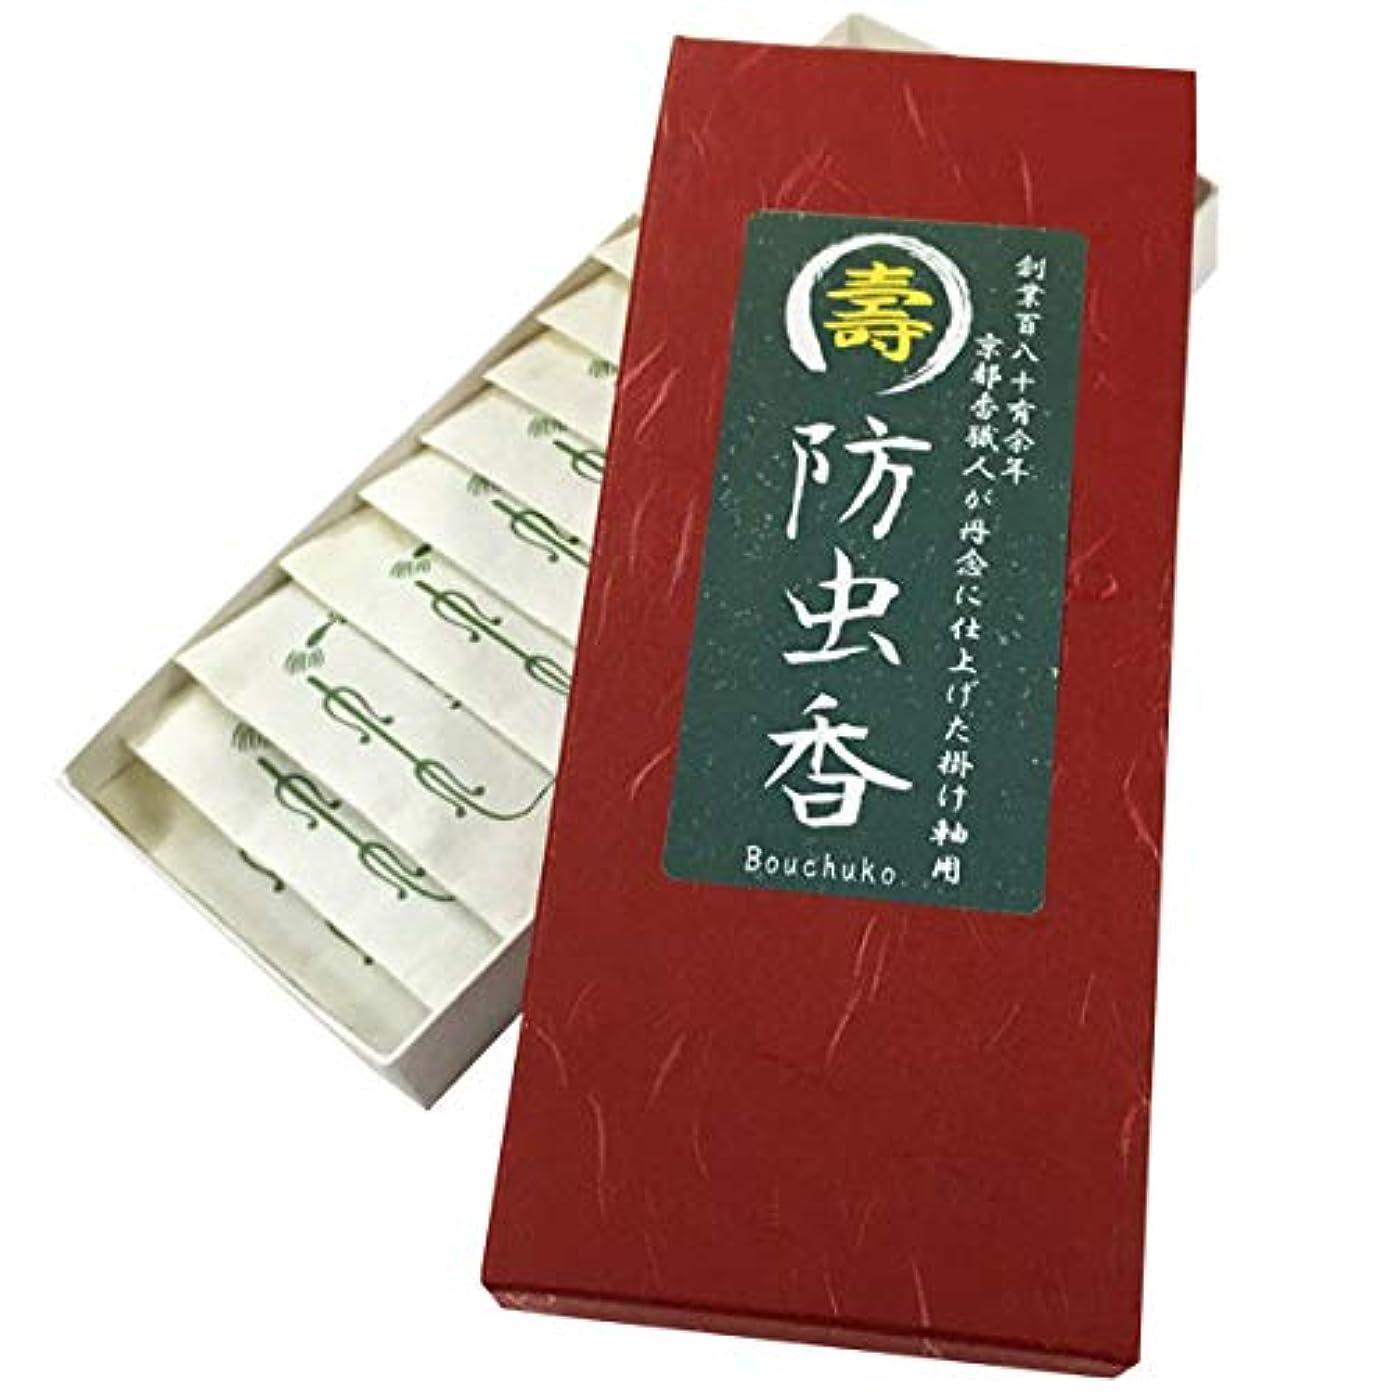 ペダルおもちゃうなずく掛軸防虫香 壽印の防虫香 1袋10箱入り